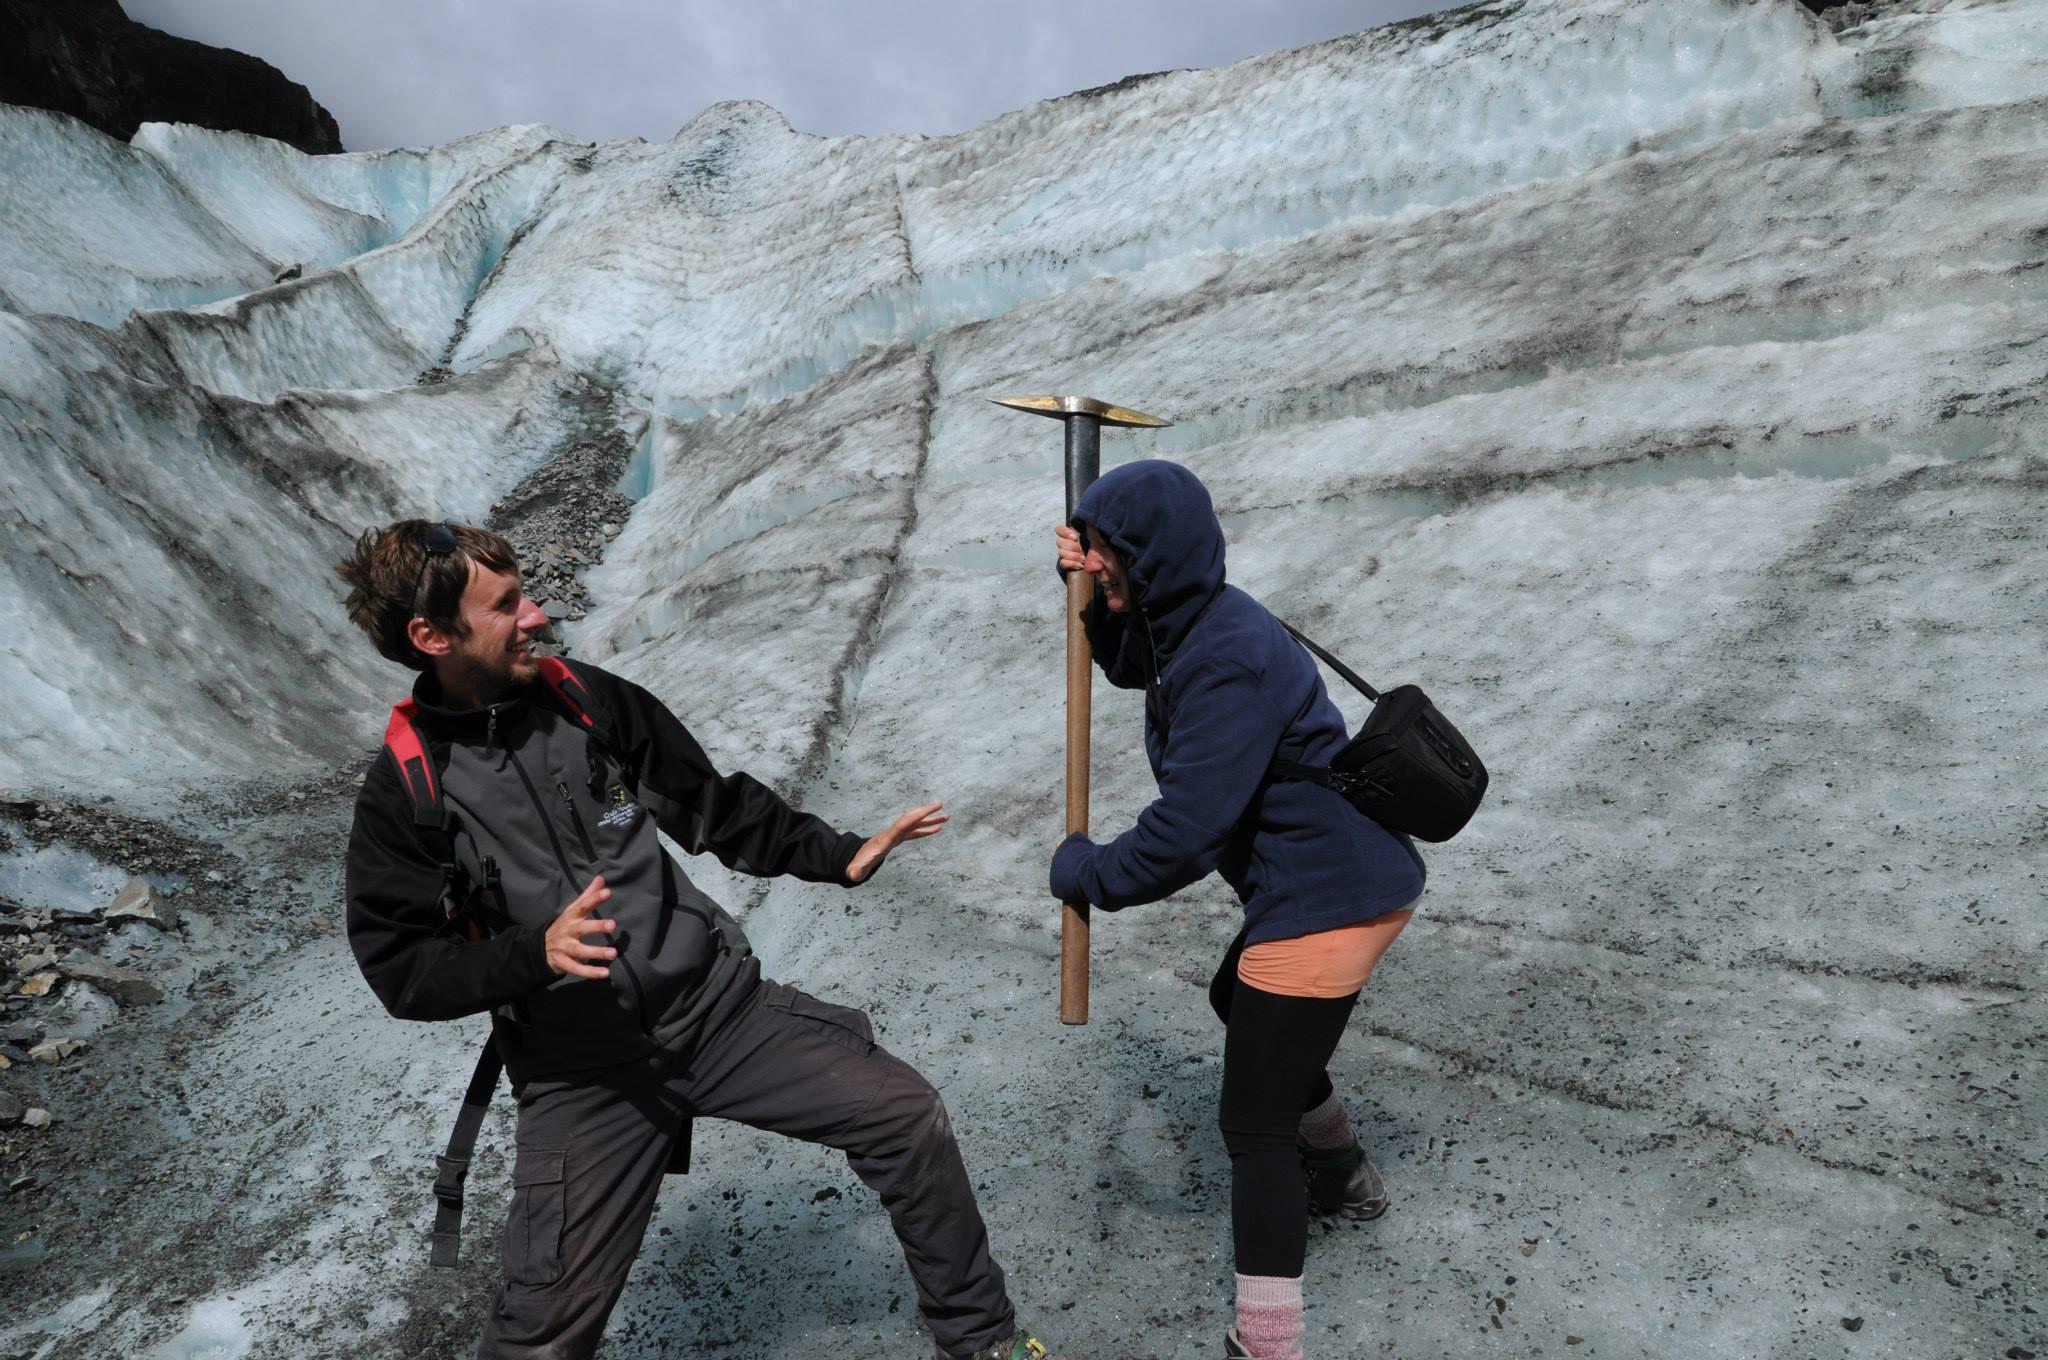 Äventyr på Fox Glaciär i Nya Zeeland. Foto: Privat